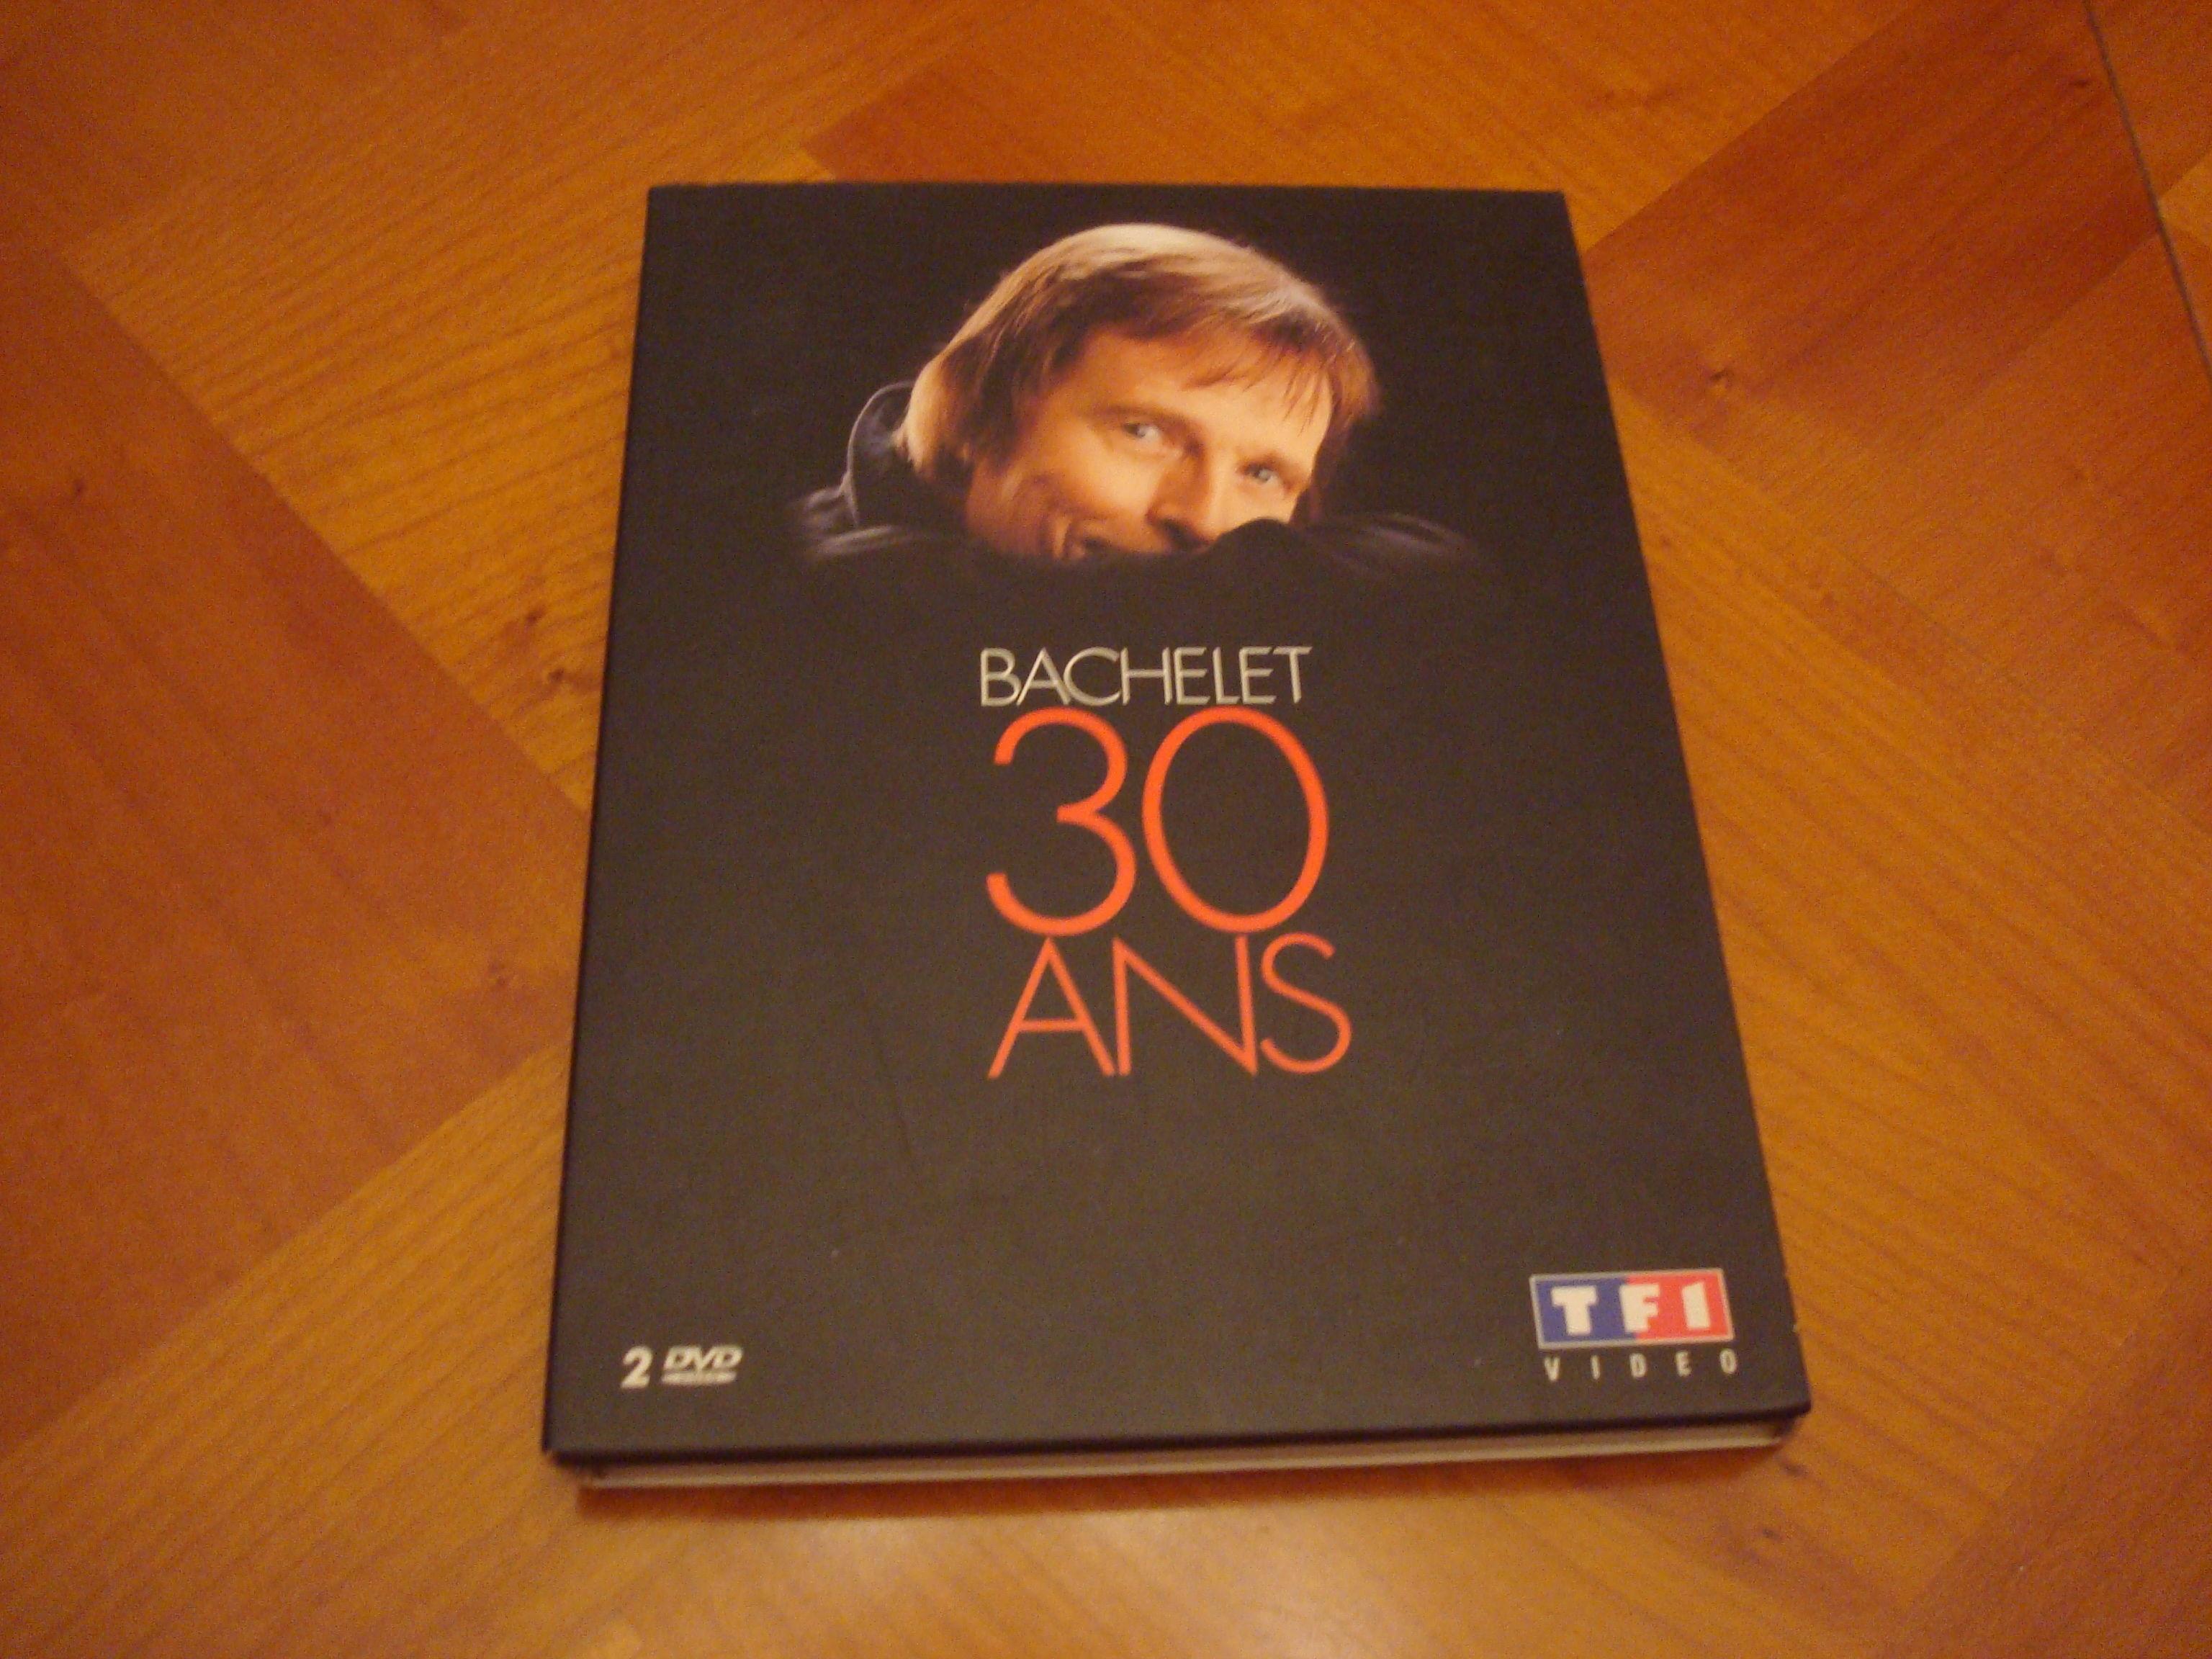 Pierre Bachelet 30 ans 30 Ars-sur-Moselle (57)